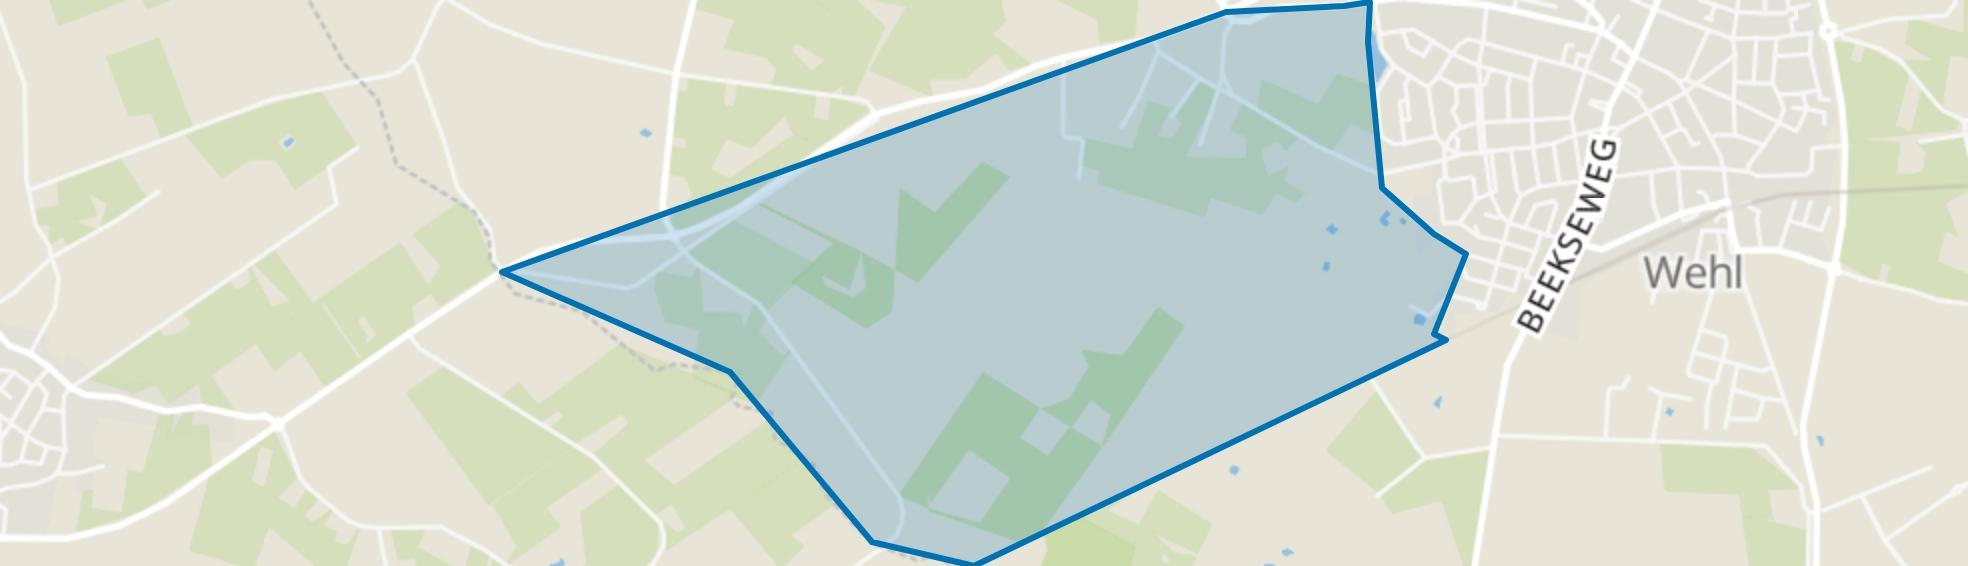 Wehl-West, Wehl map